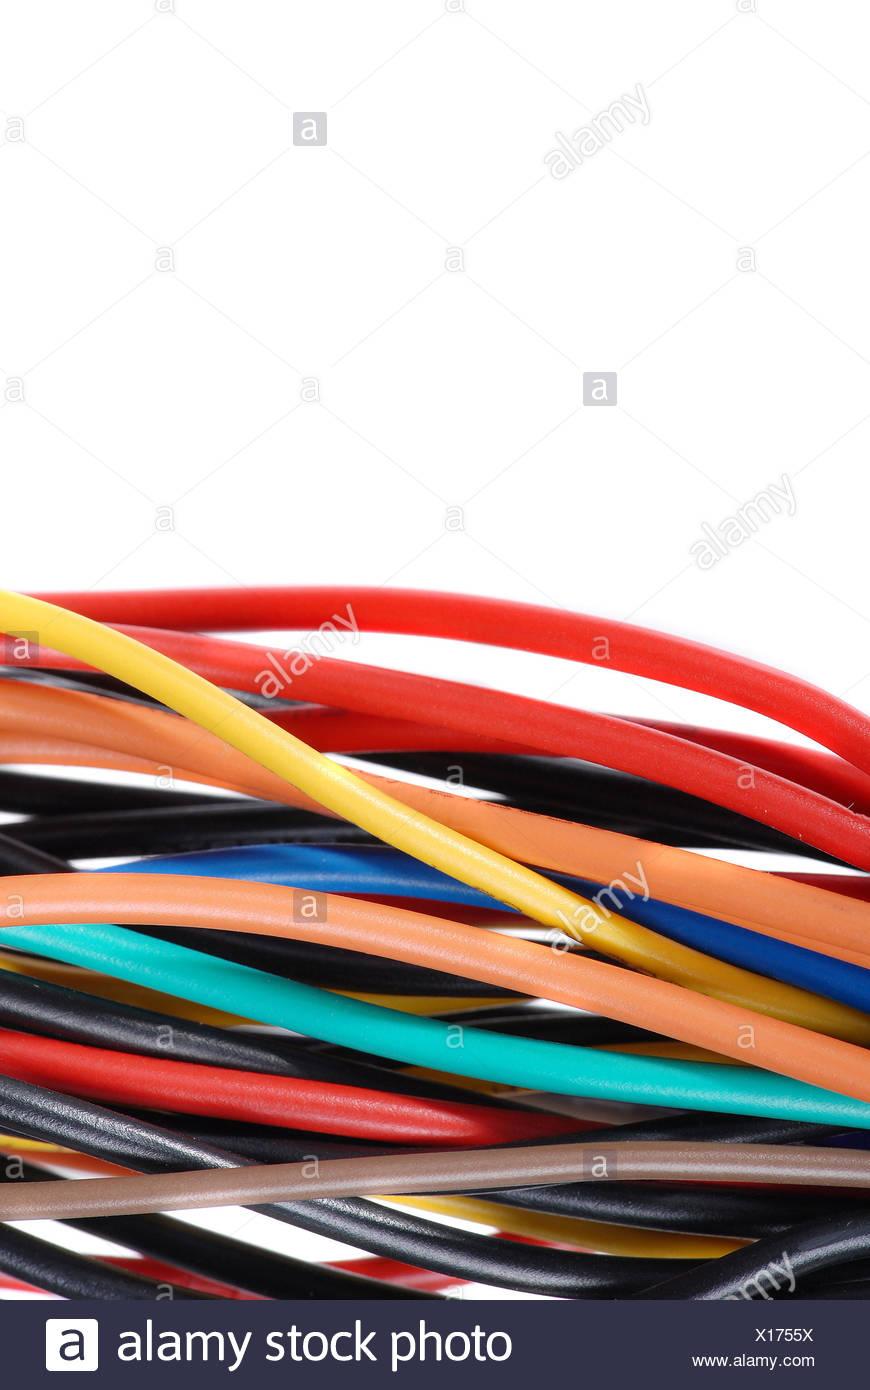 Copper Metal Wire Stockfotos & Copper Metal Wire Bilder - Seite 2 ...